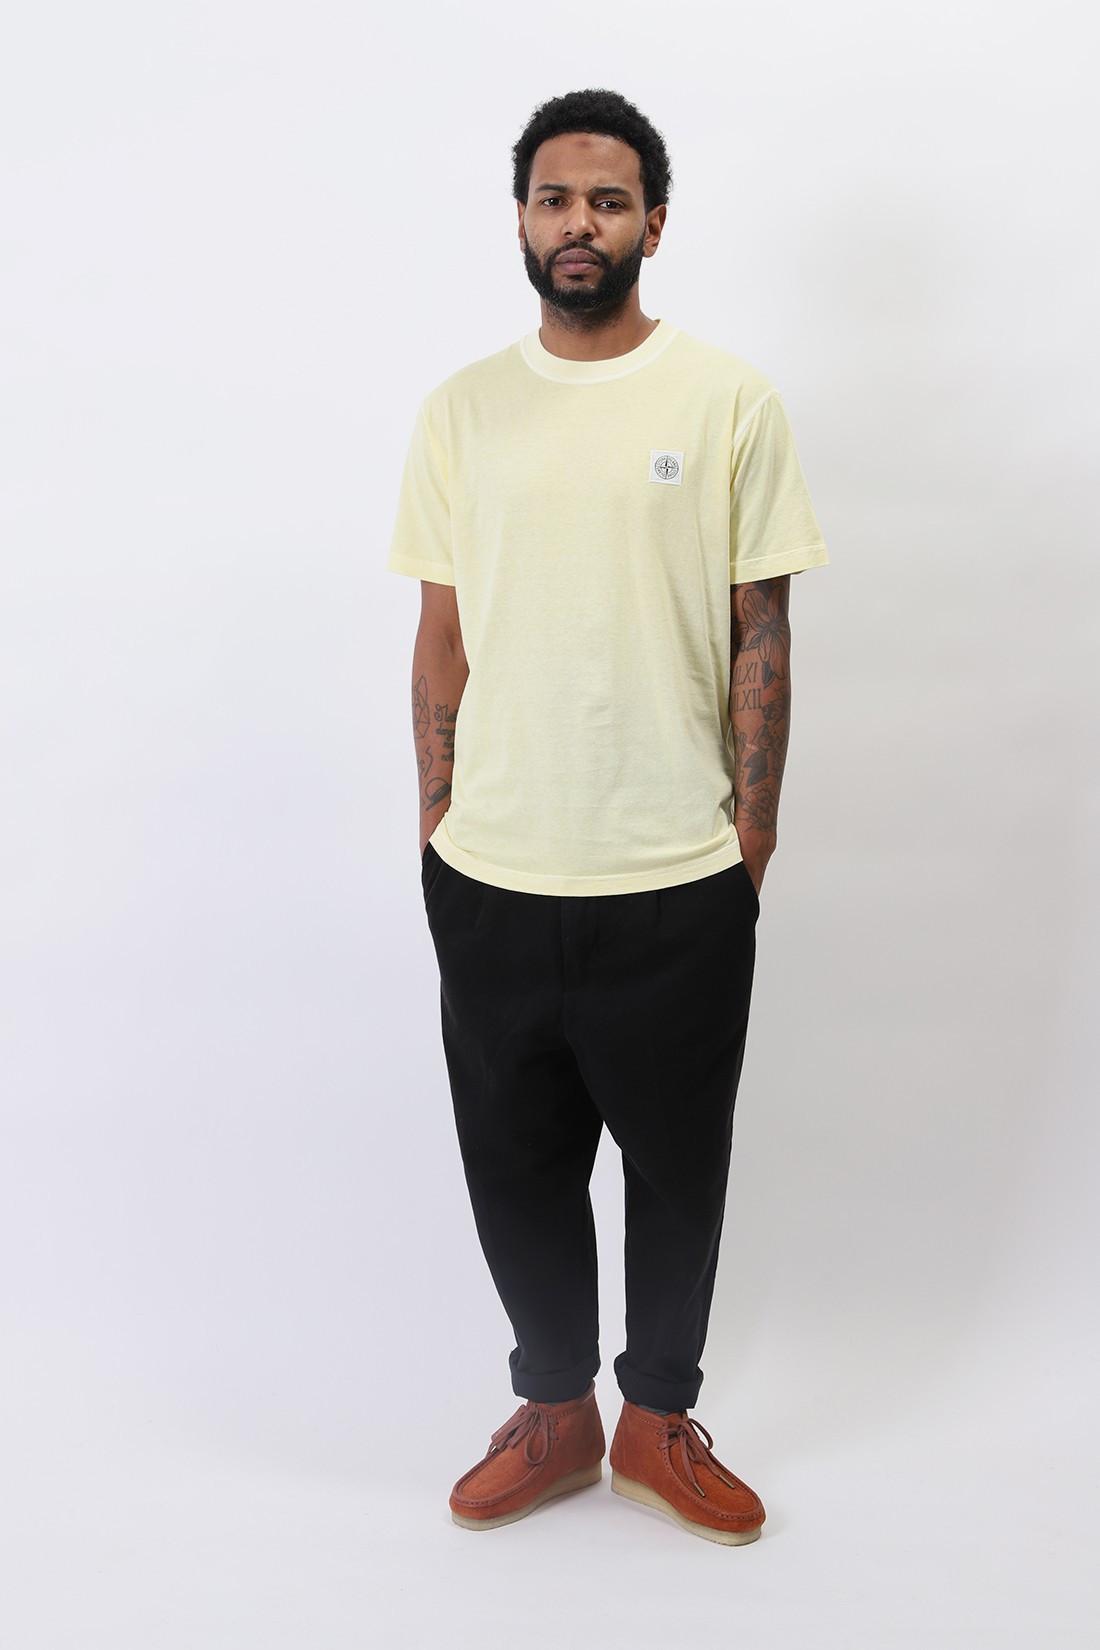 STONE ISLAND / 23757 fissato t-shirt v0131 Limone